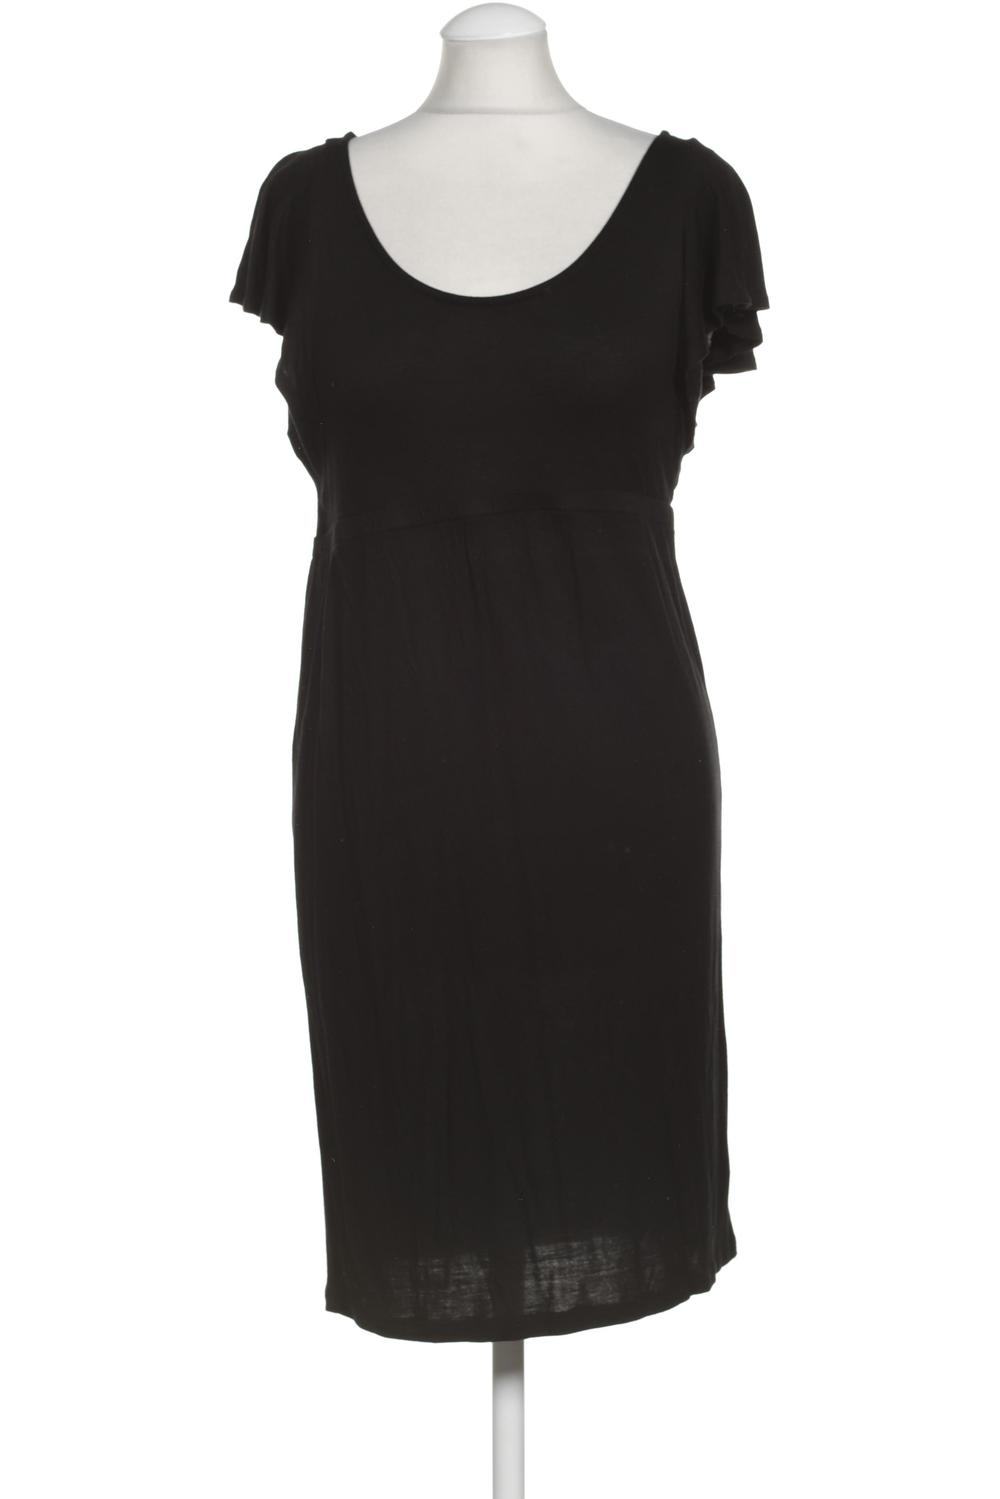 H&M Mama Damen Kleid INT M Second Hand kaufen   ubup